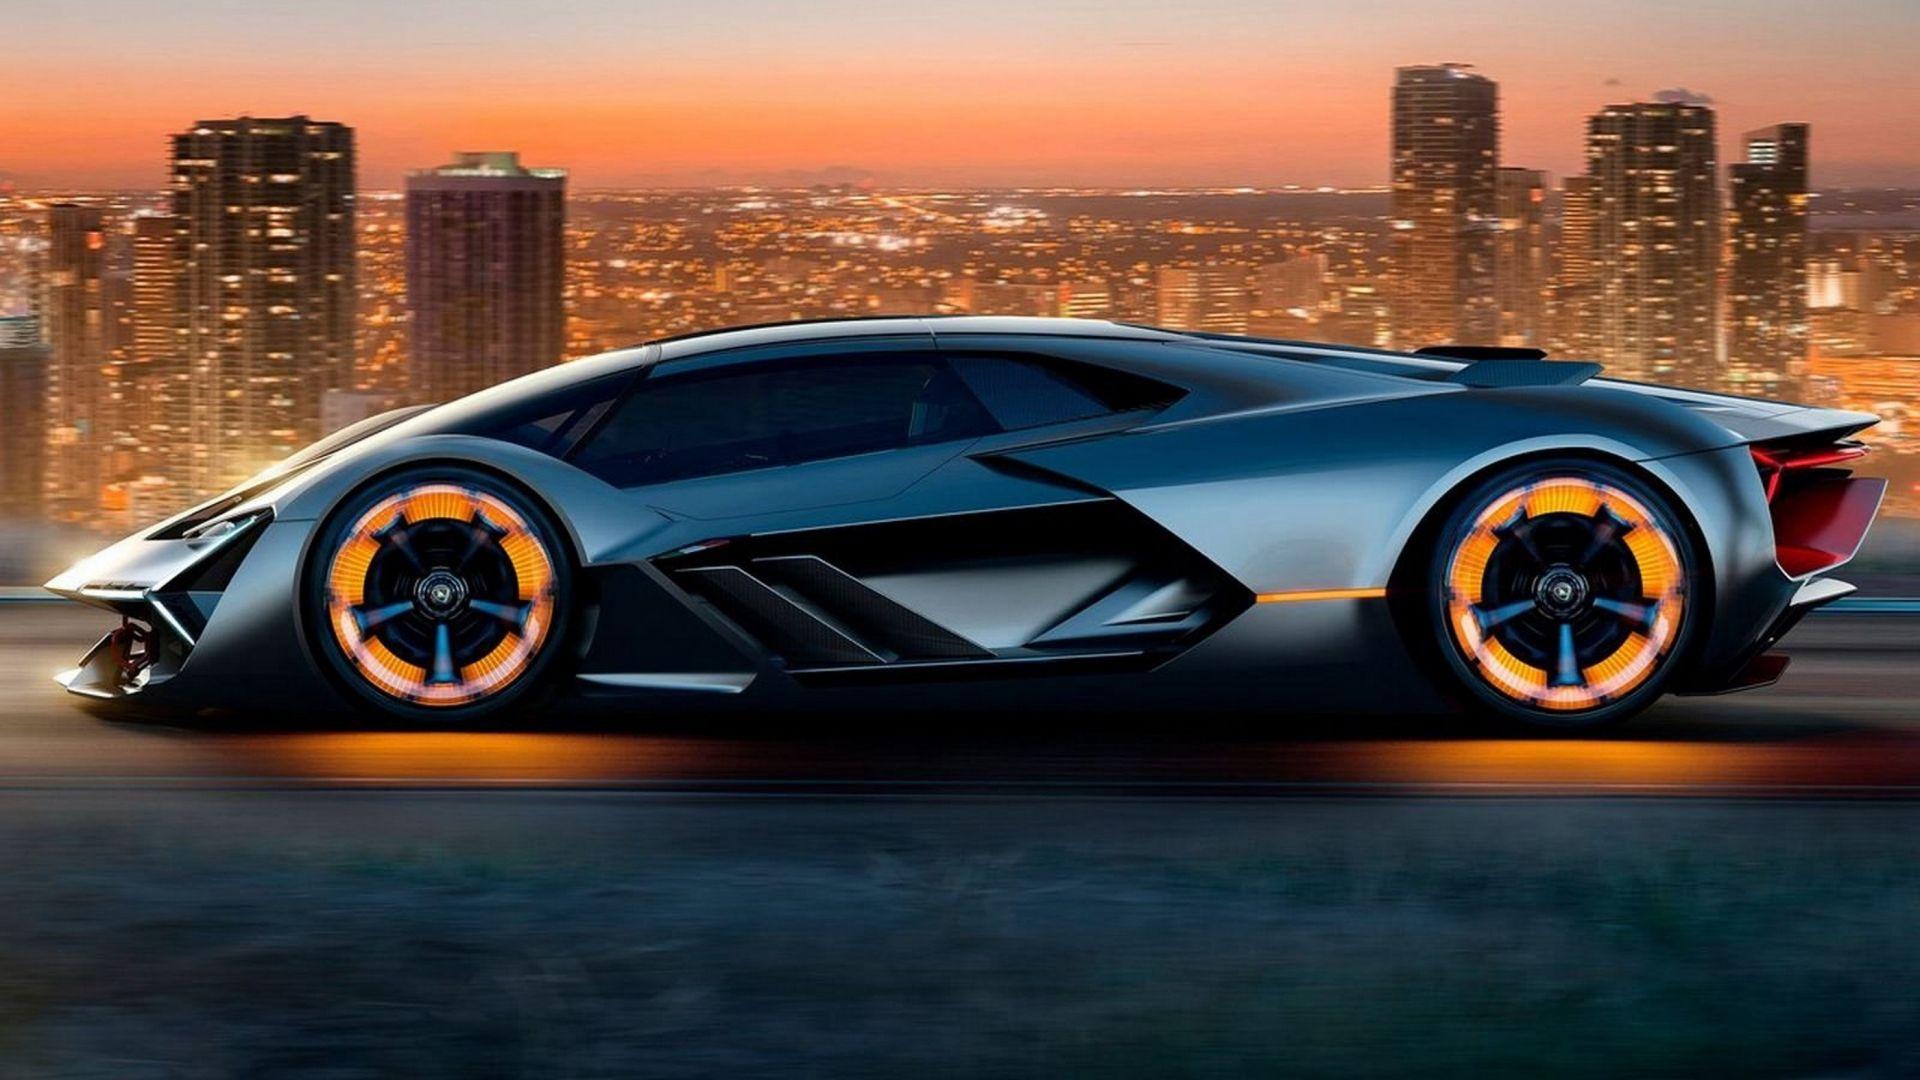 Anticipazioni Nuova Lamborghini Aventador Lerede Sar